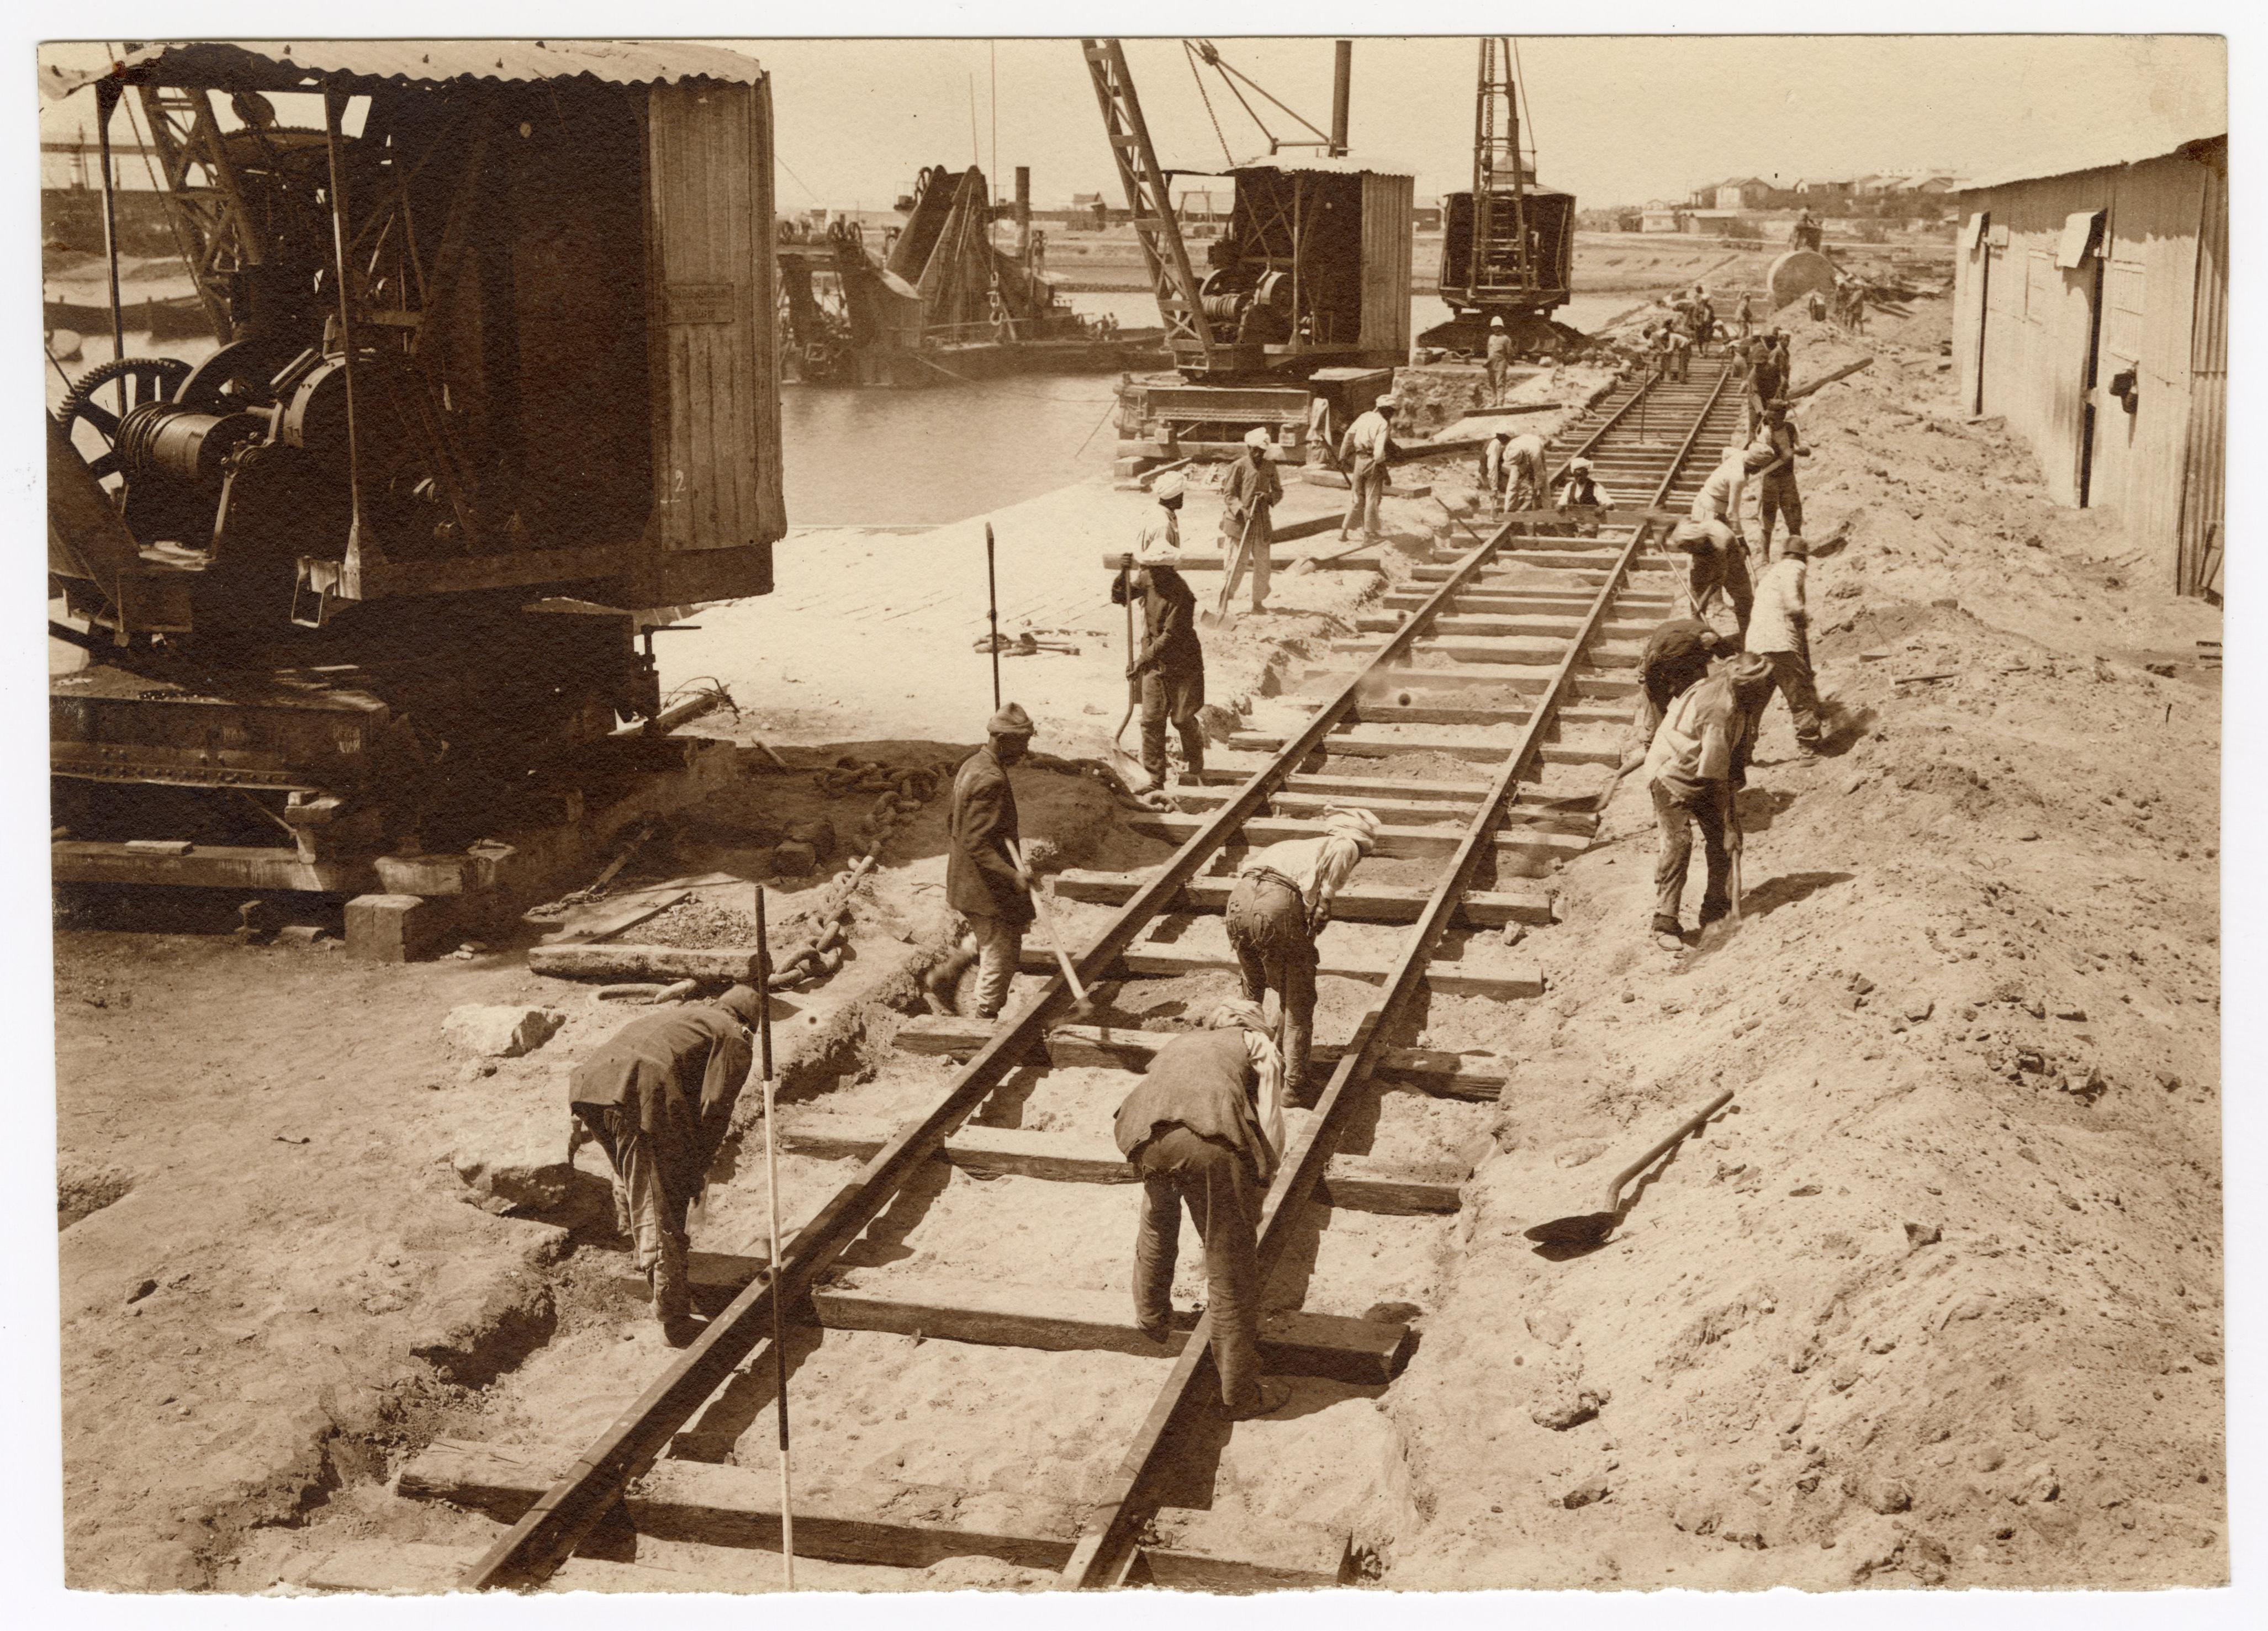 Constructeurs de voies ferrées lors de l'aménagement du port de Fedhala (Maroc) : tirage photographique, 1923.